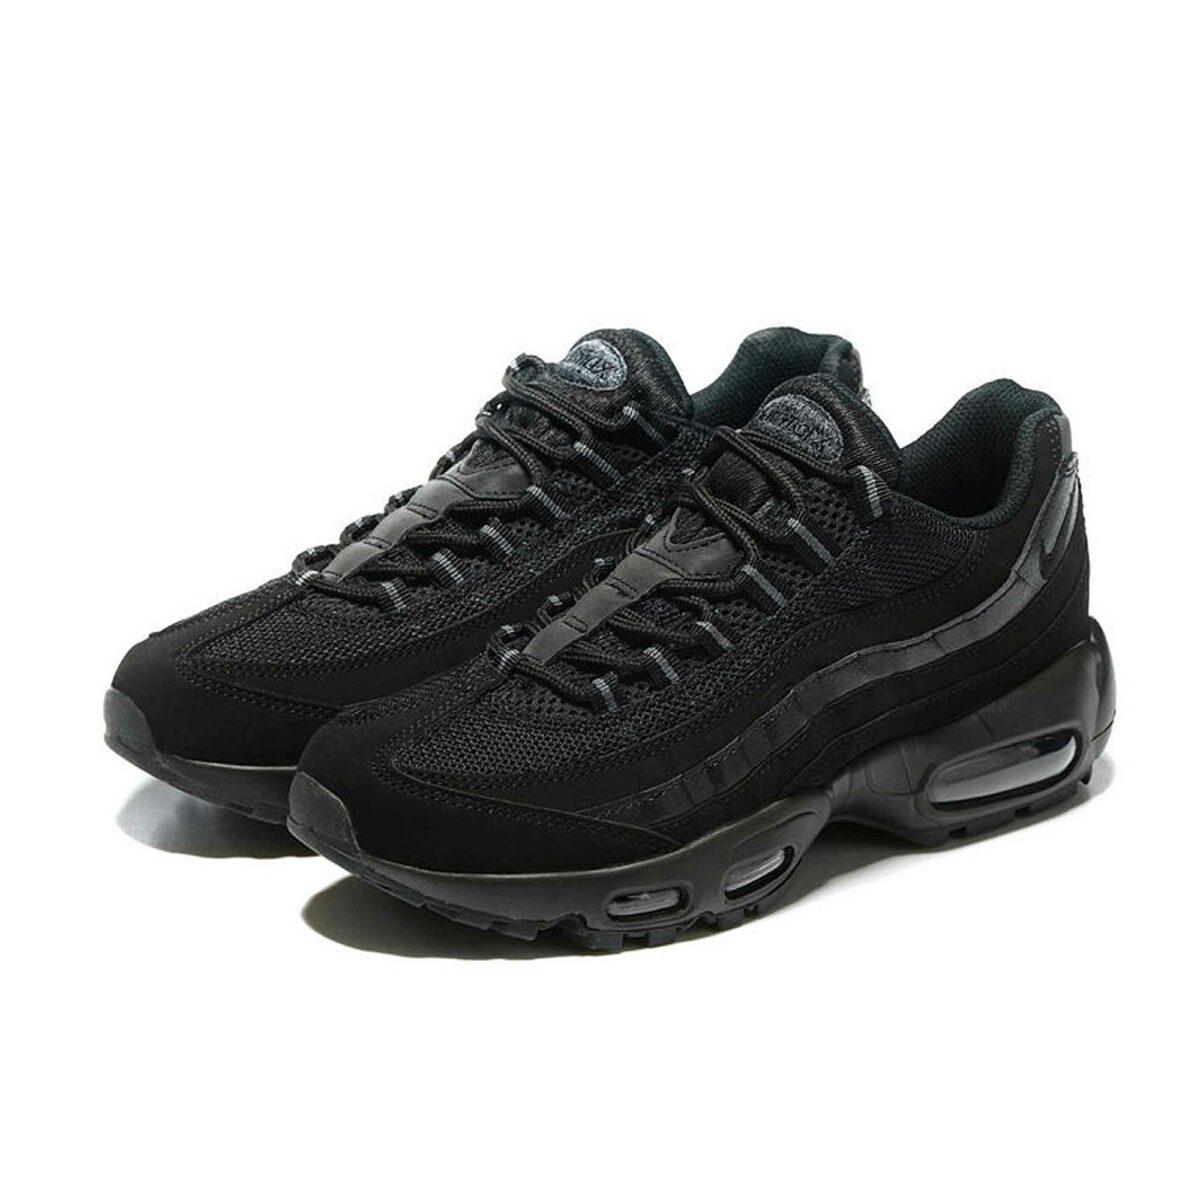 Nike Air Max 95 Black 104220-001 купить